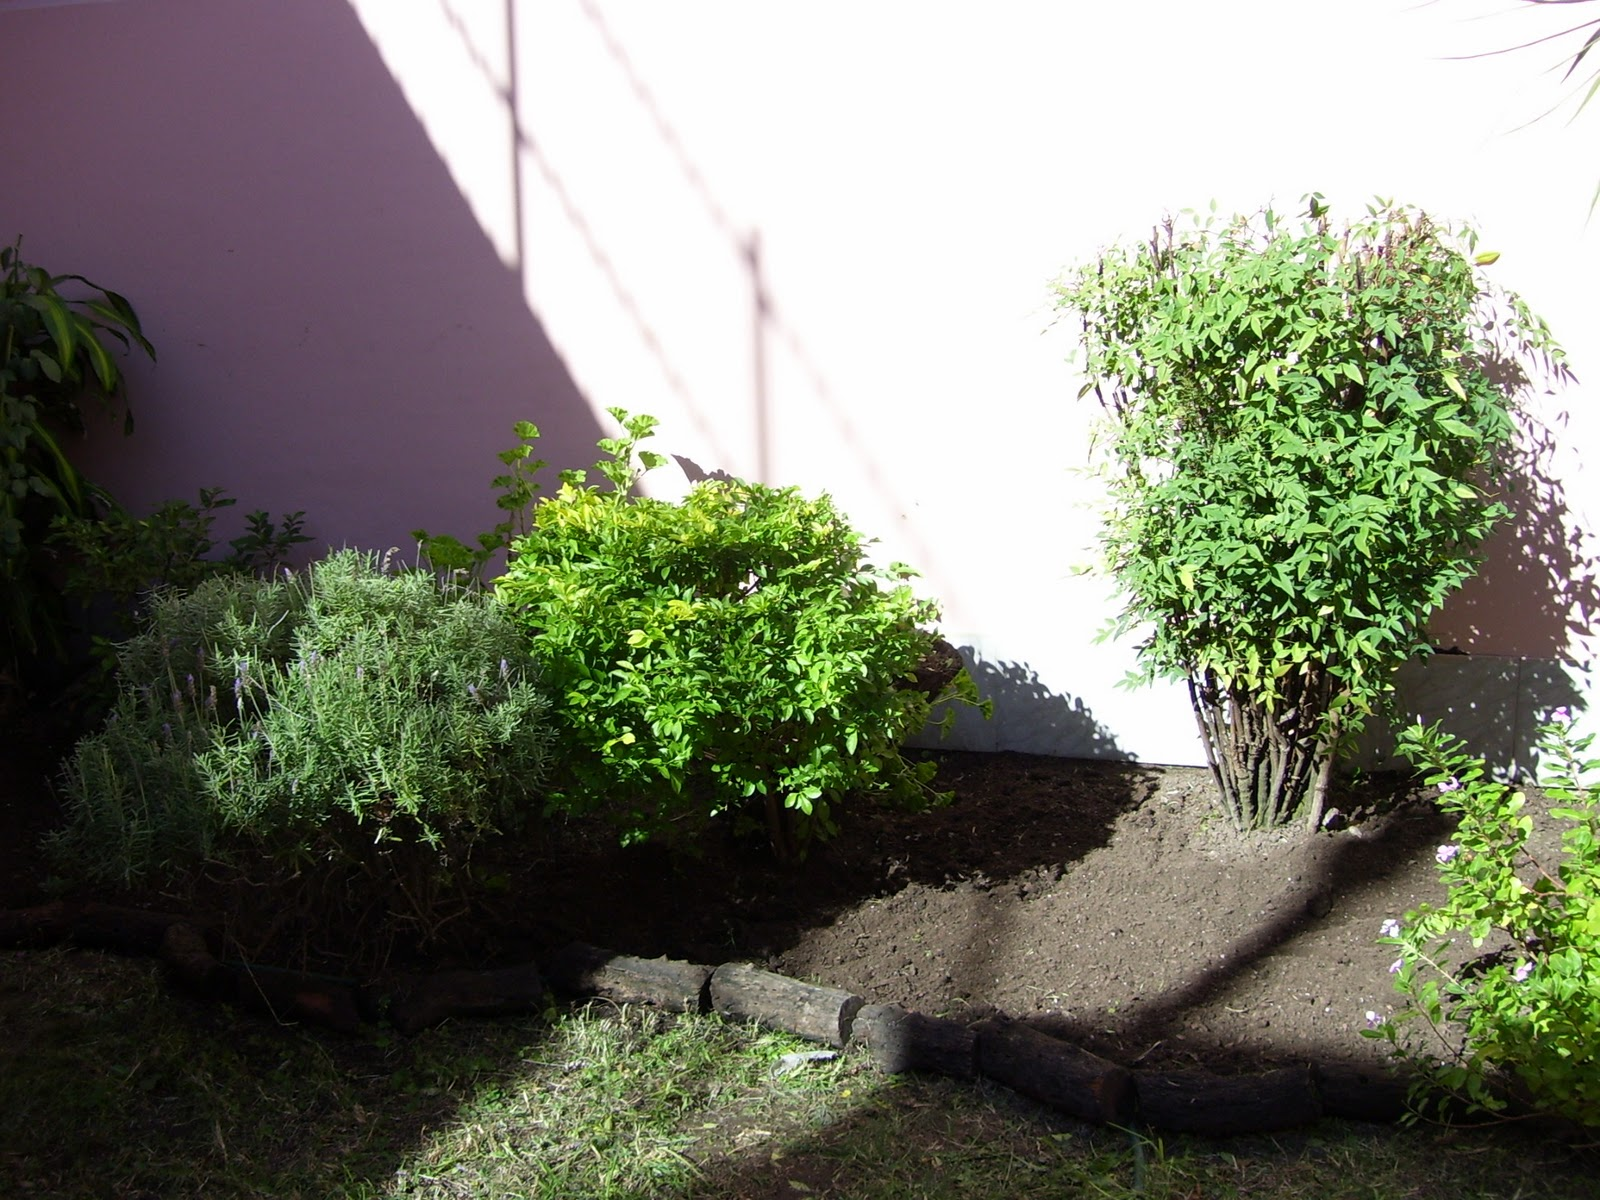 Jardineria Y Paisajismo En Gerenal Limpieza De Canteros Y